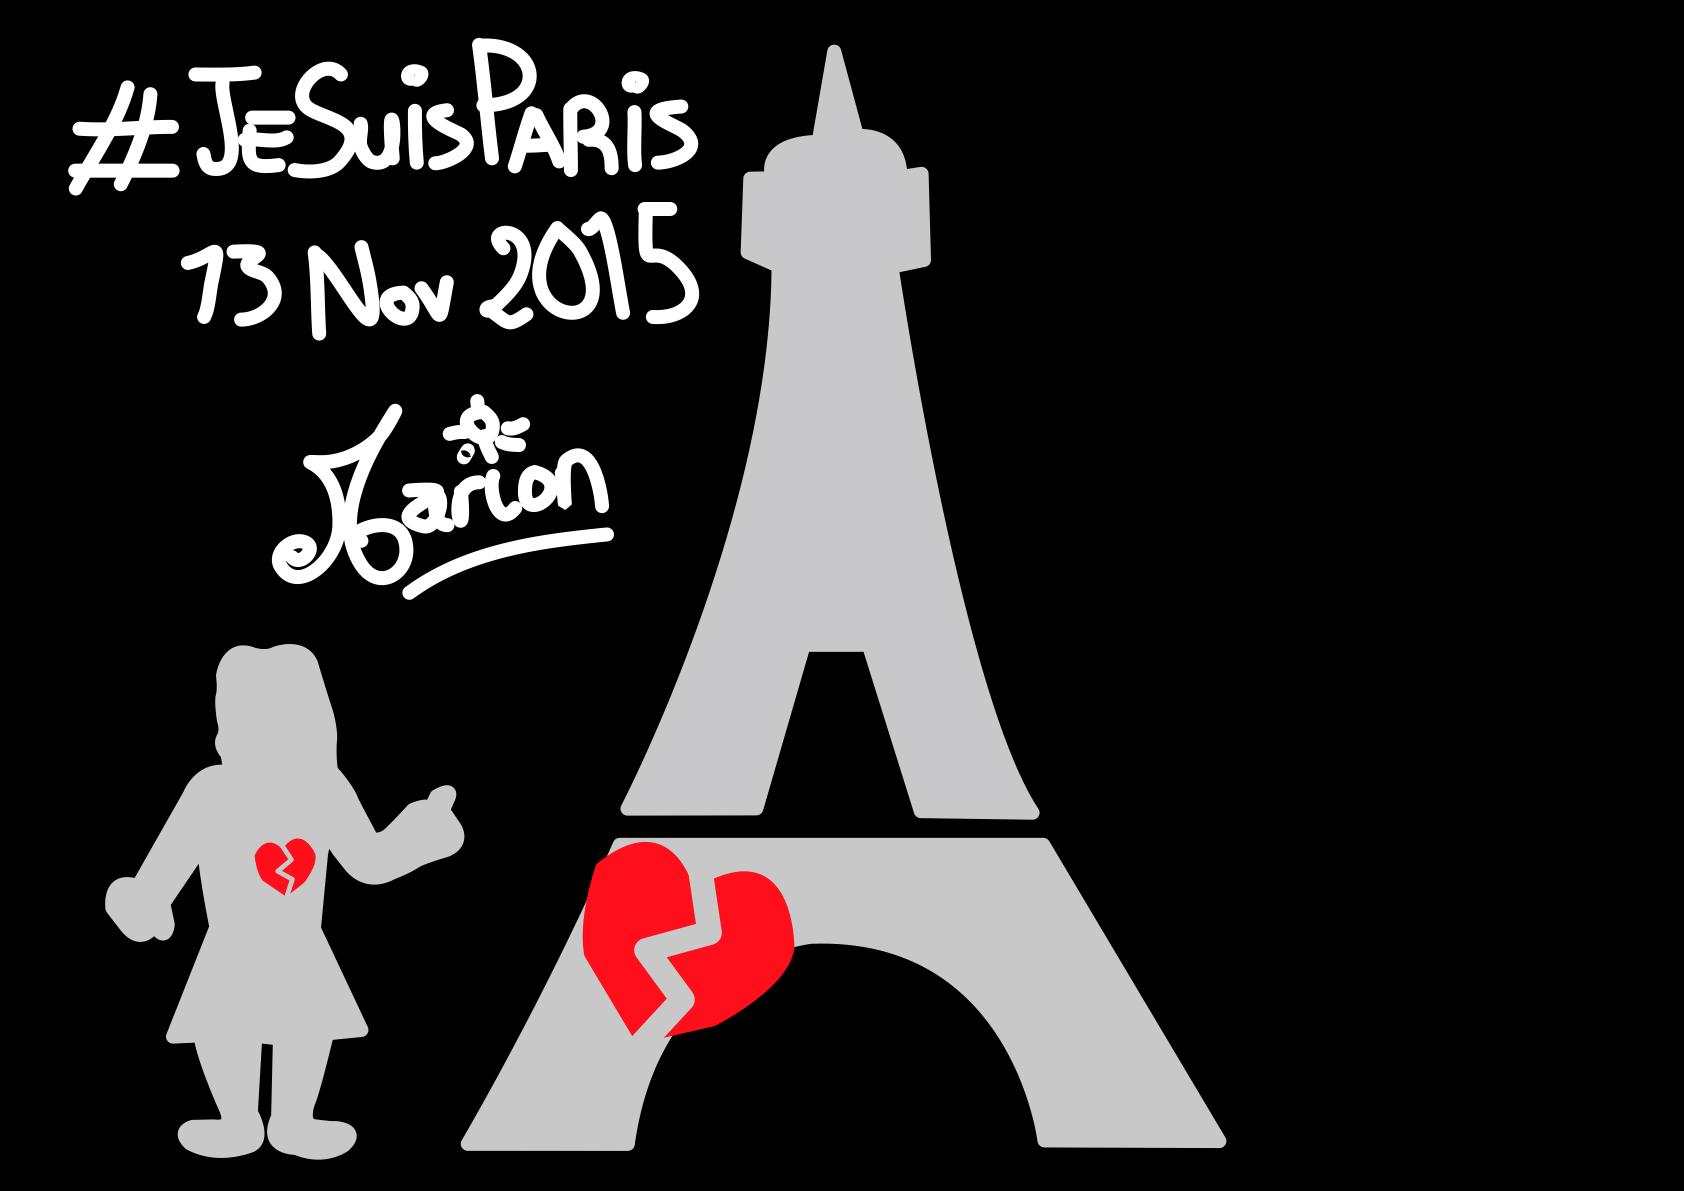 Marion je suis Paris